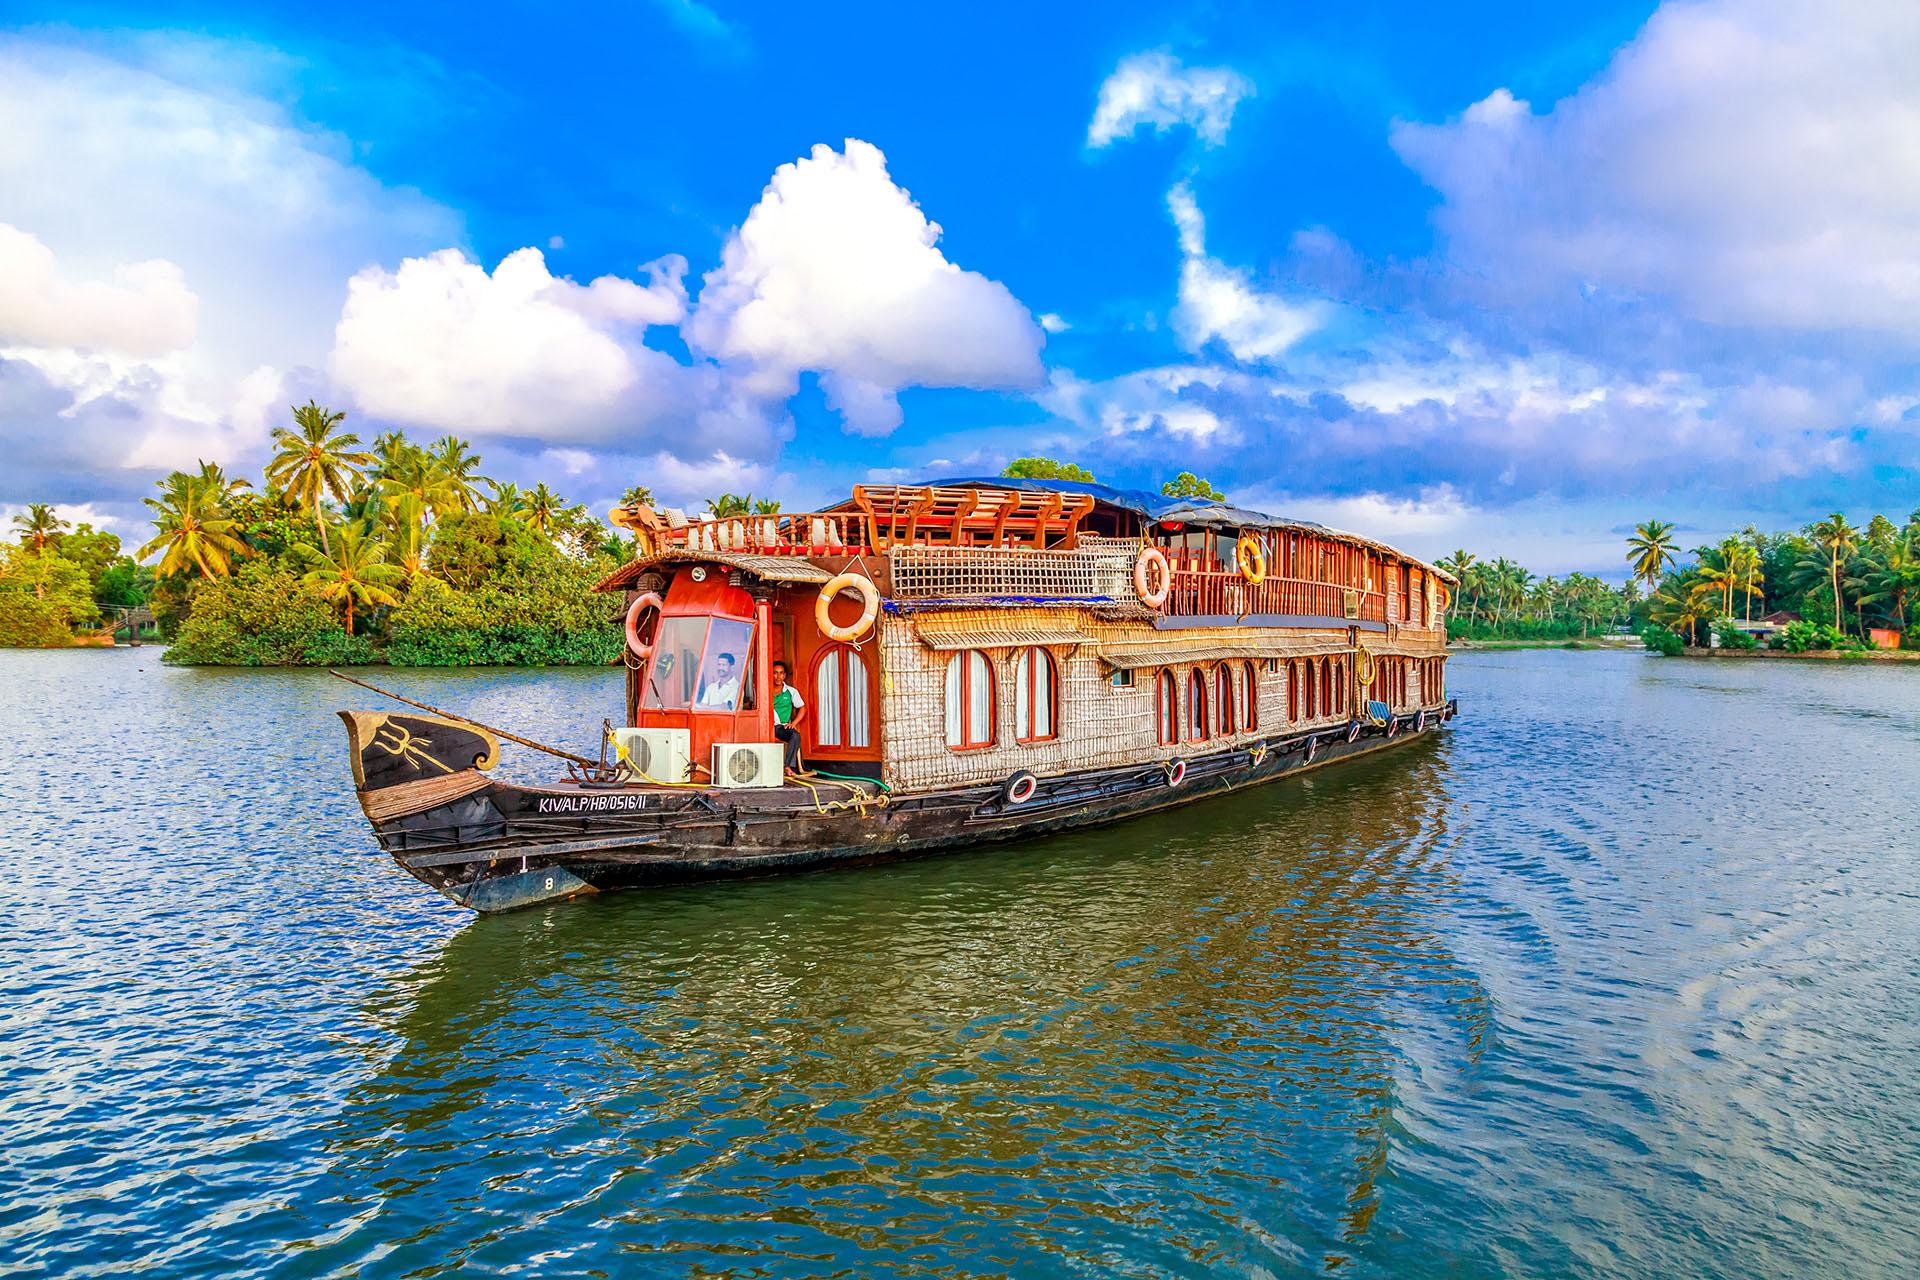 RV Vaikundam Backwater River Cruise Kerala